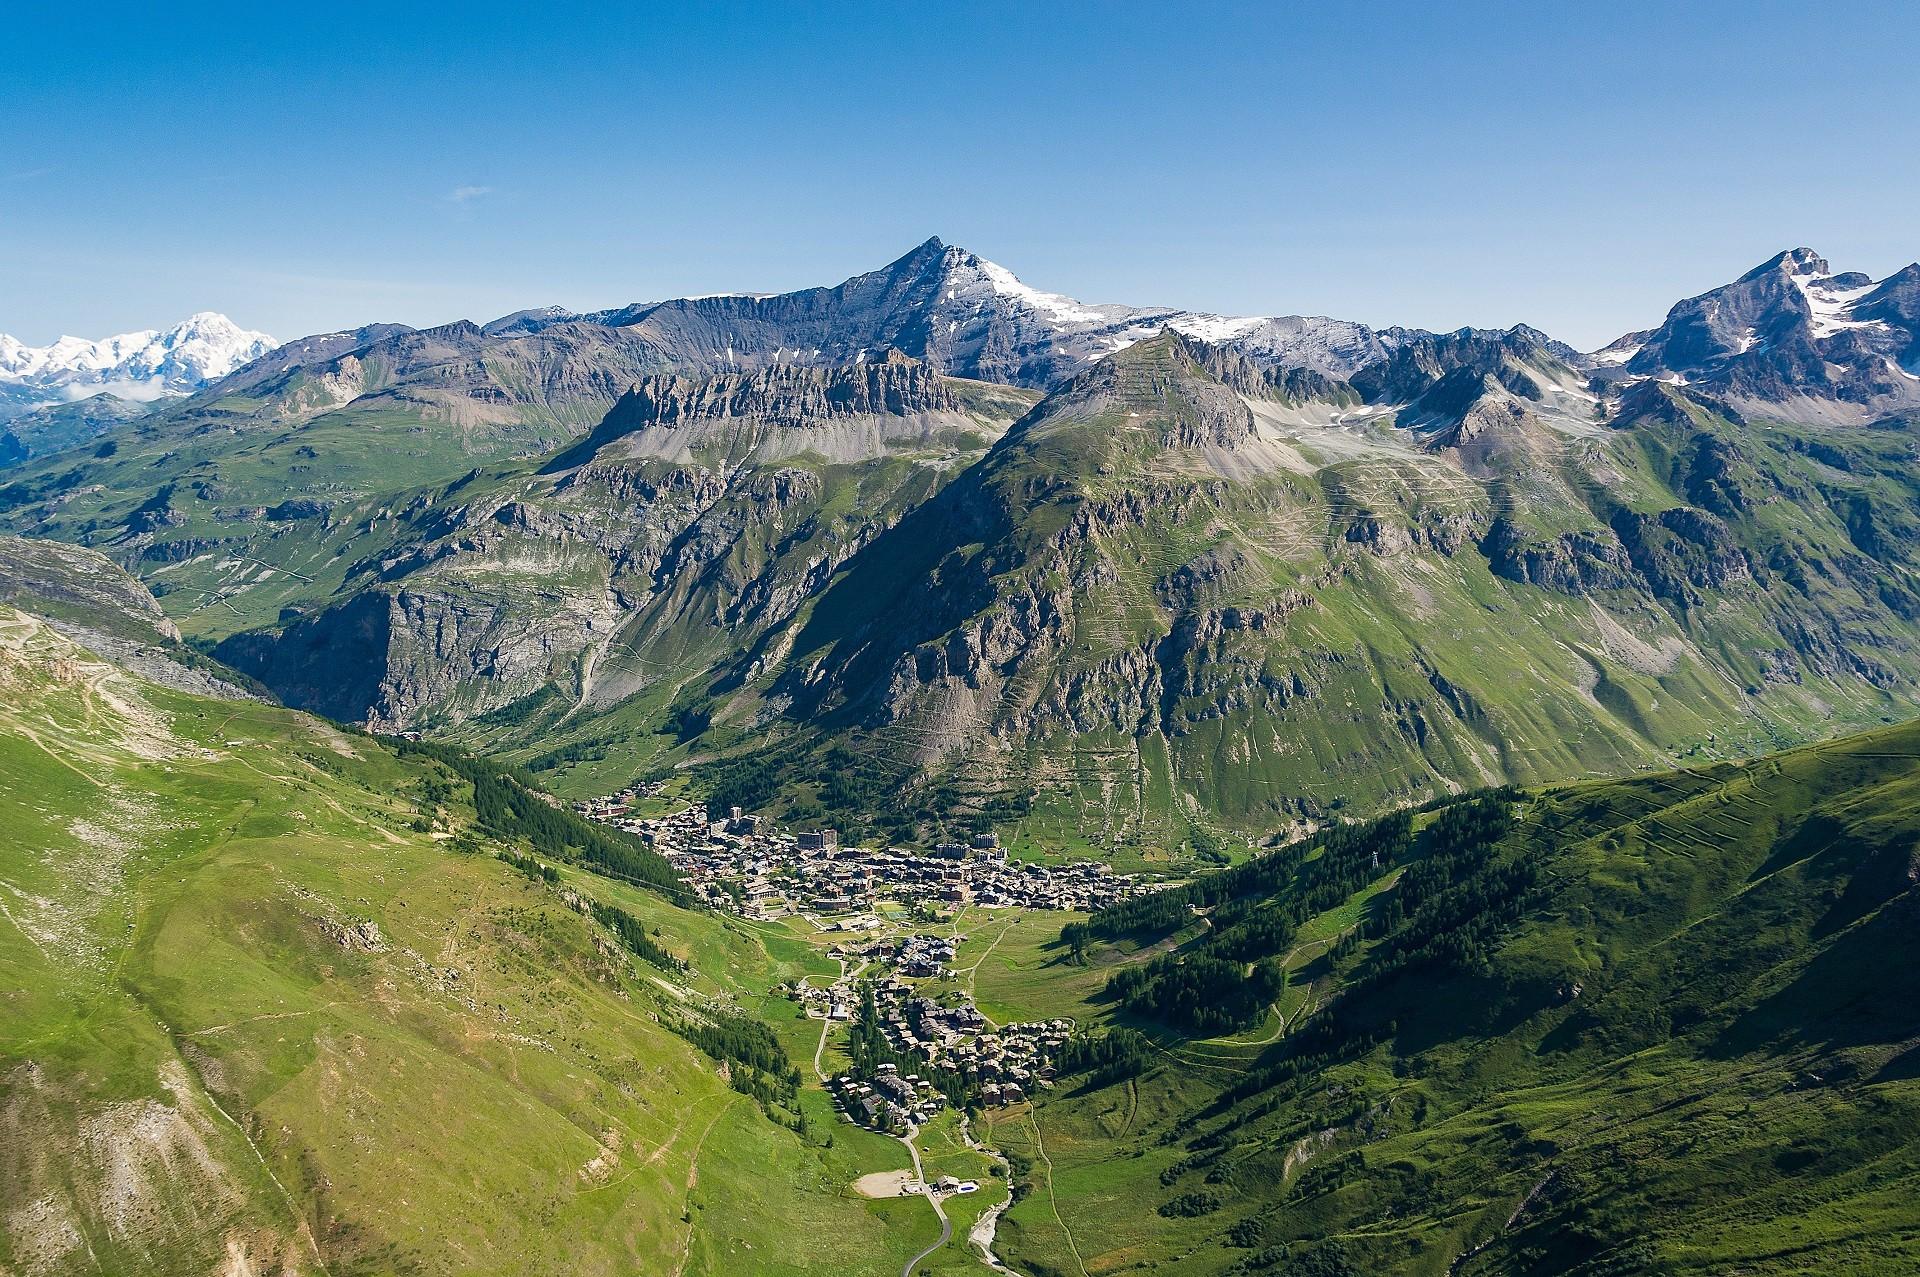 valdisere-le village-les montagnes-l'été